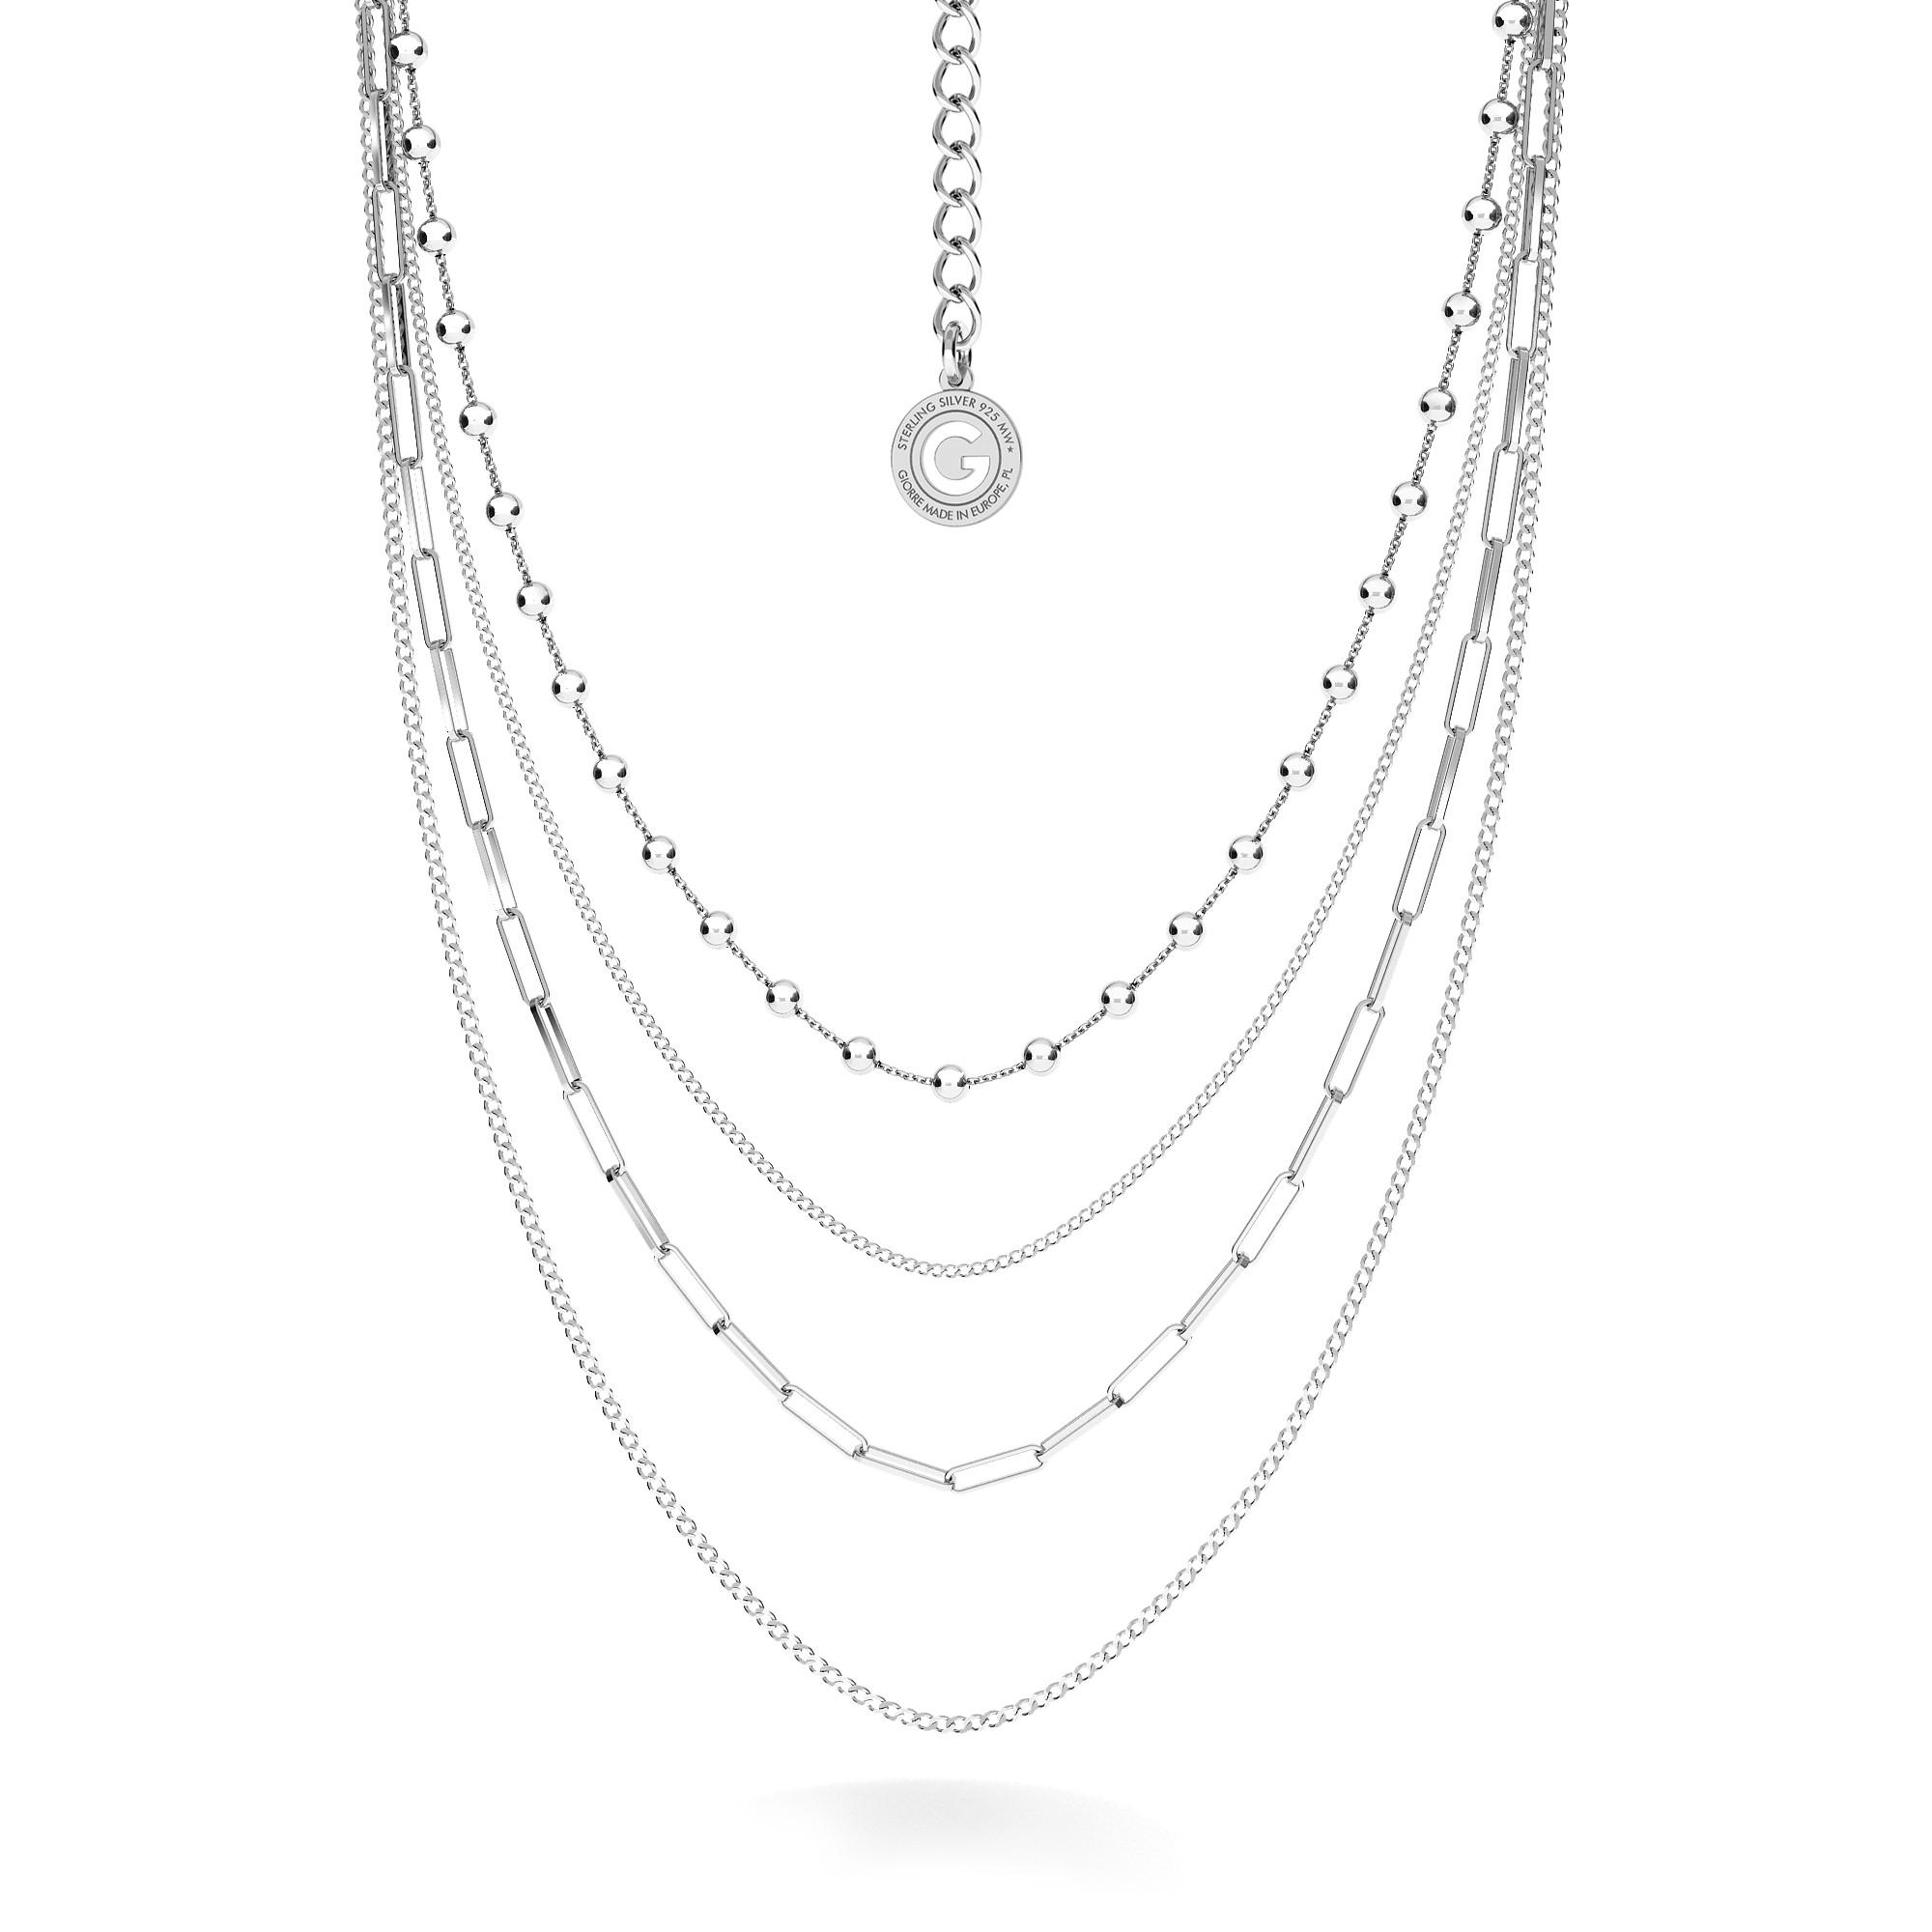 Srebrny łańcuszkowy naszyjnik 925